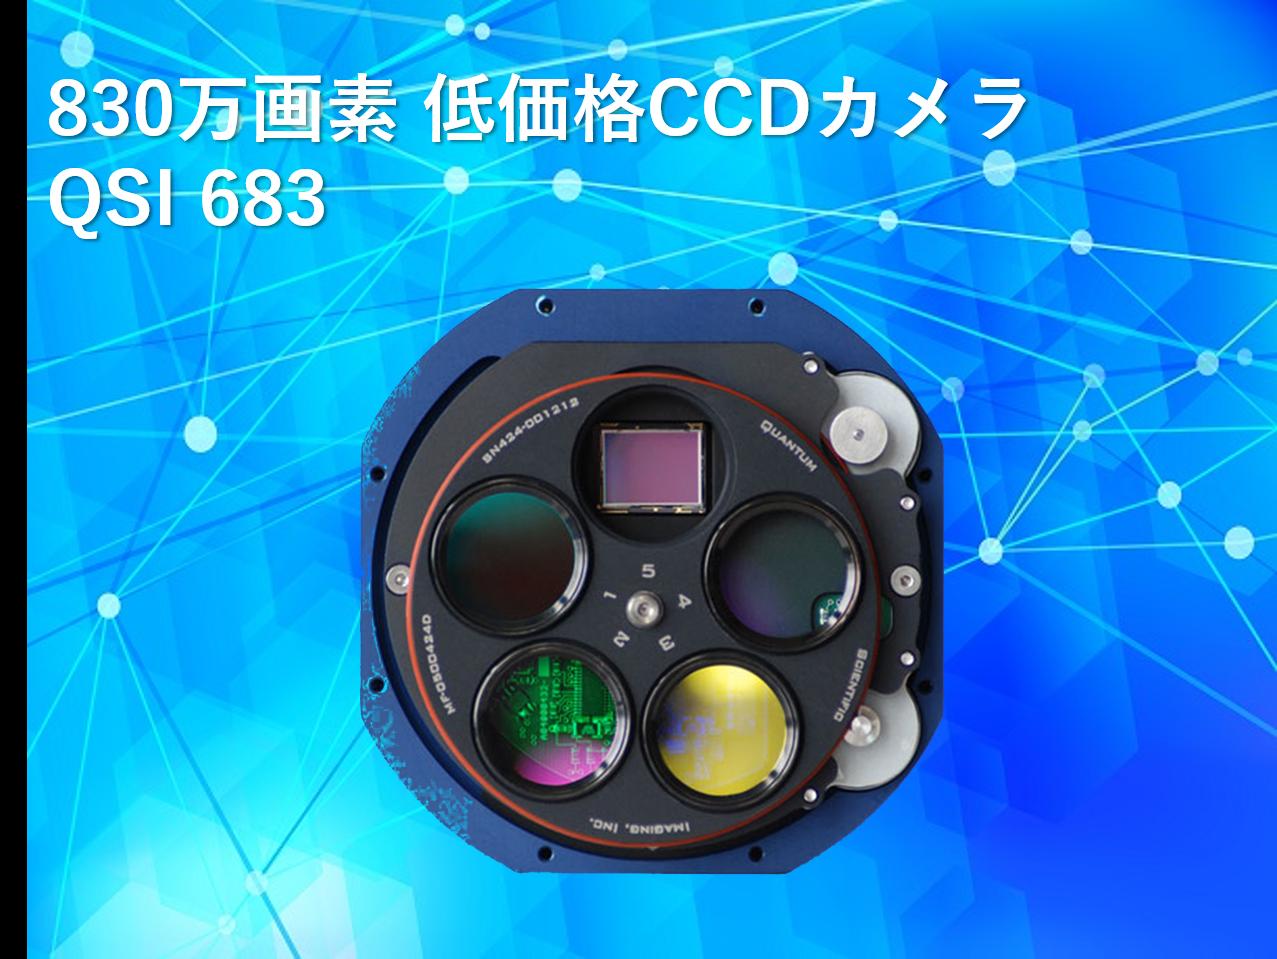 830万画素 低価格CCDカメラ